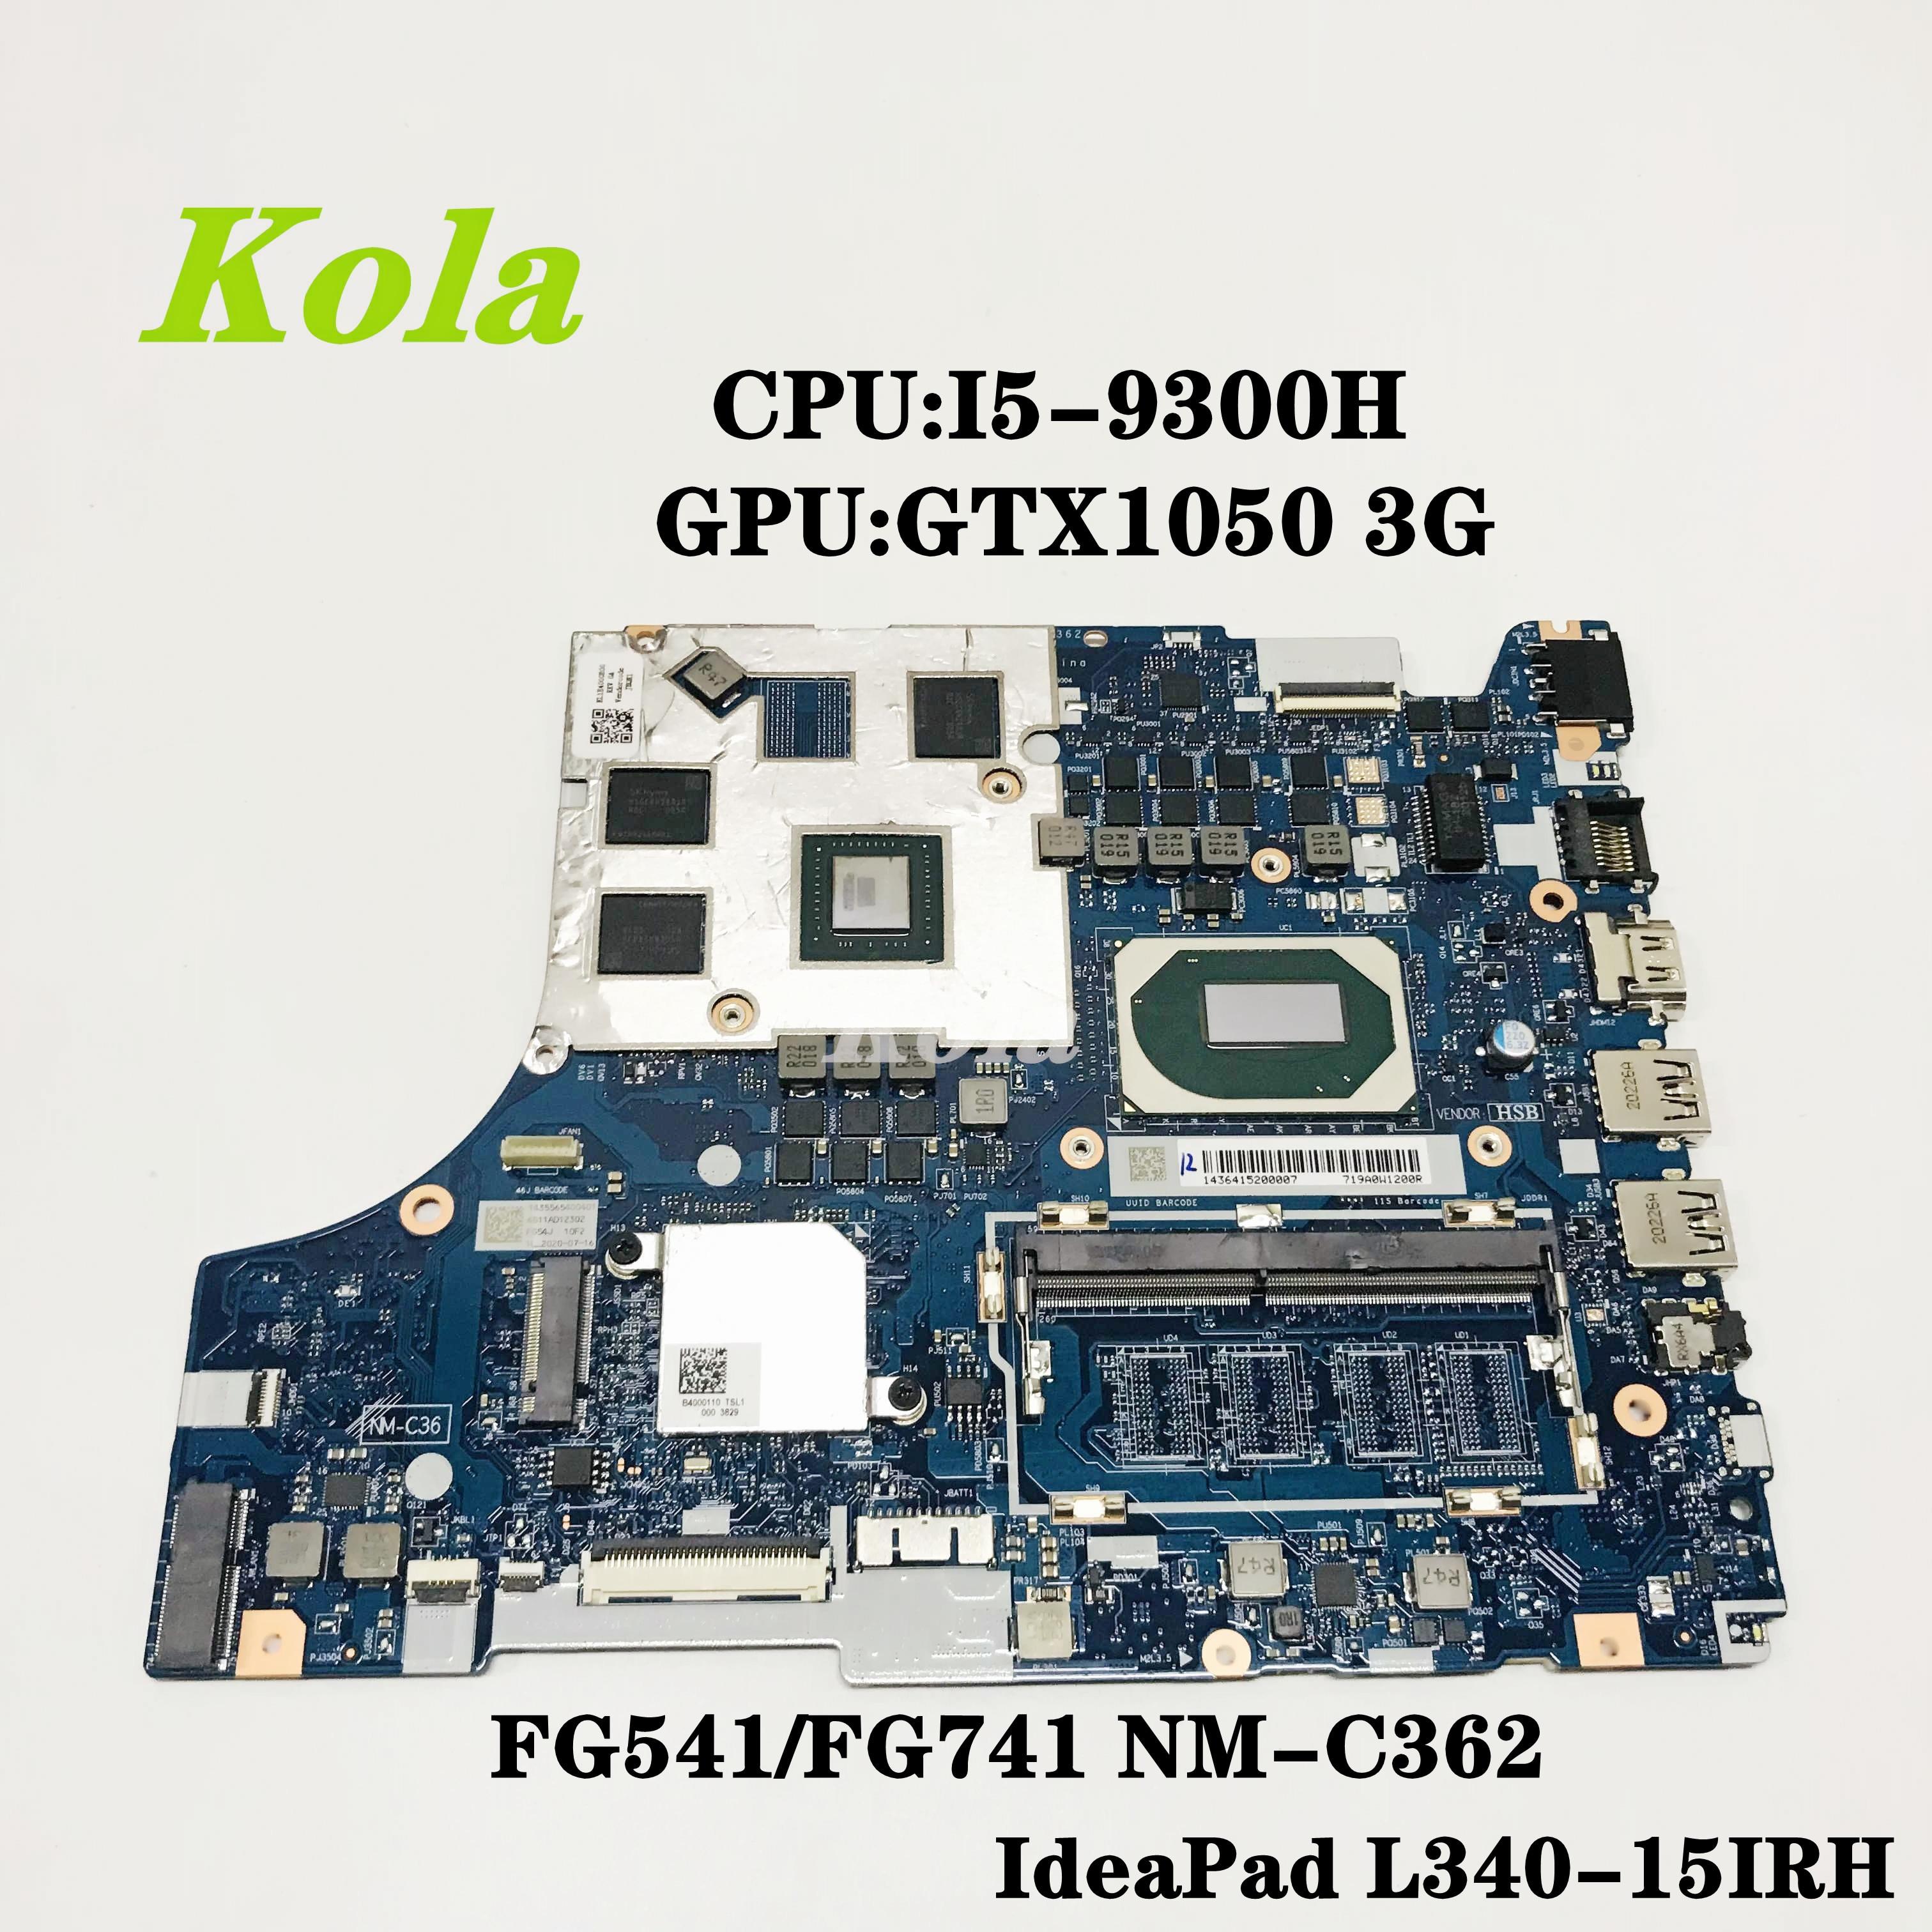 Оригинальный Для Lenovo L340-15IRH материнская плата портативного компьютера с процессор I5-9300H GTX1050/3G 5B20S44136 5B20S42311 NM-C362 100% полностью протестирована